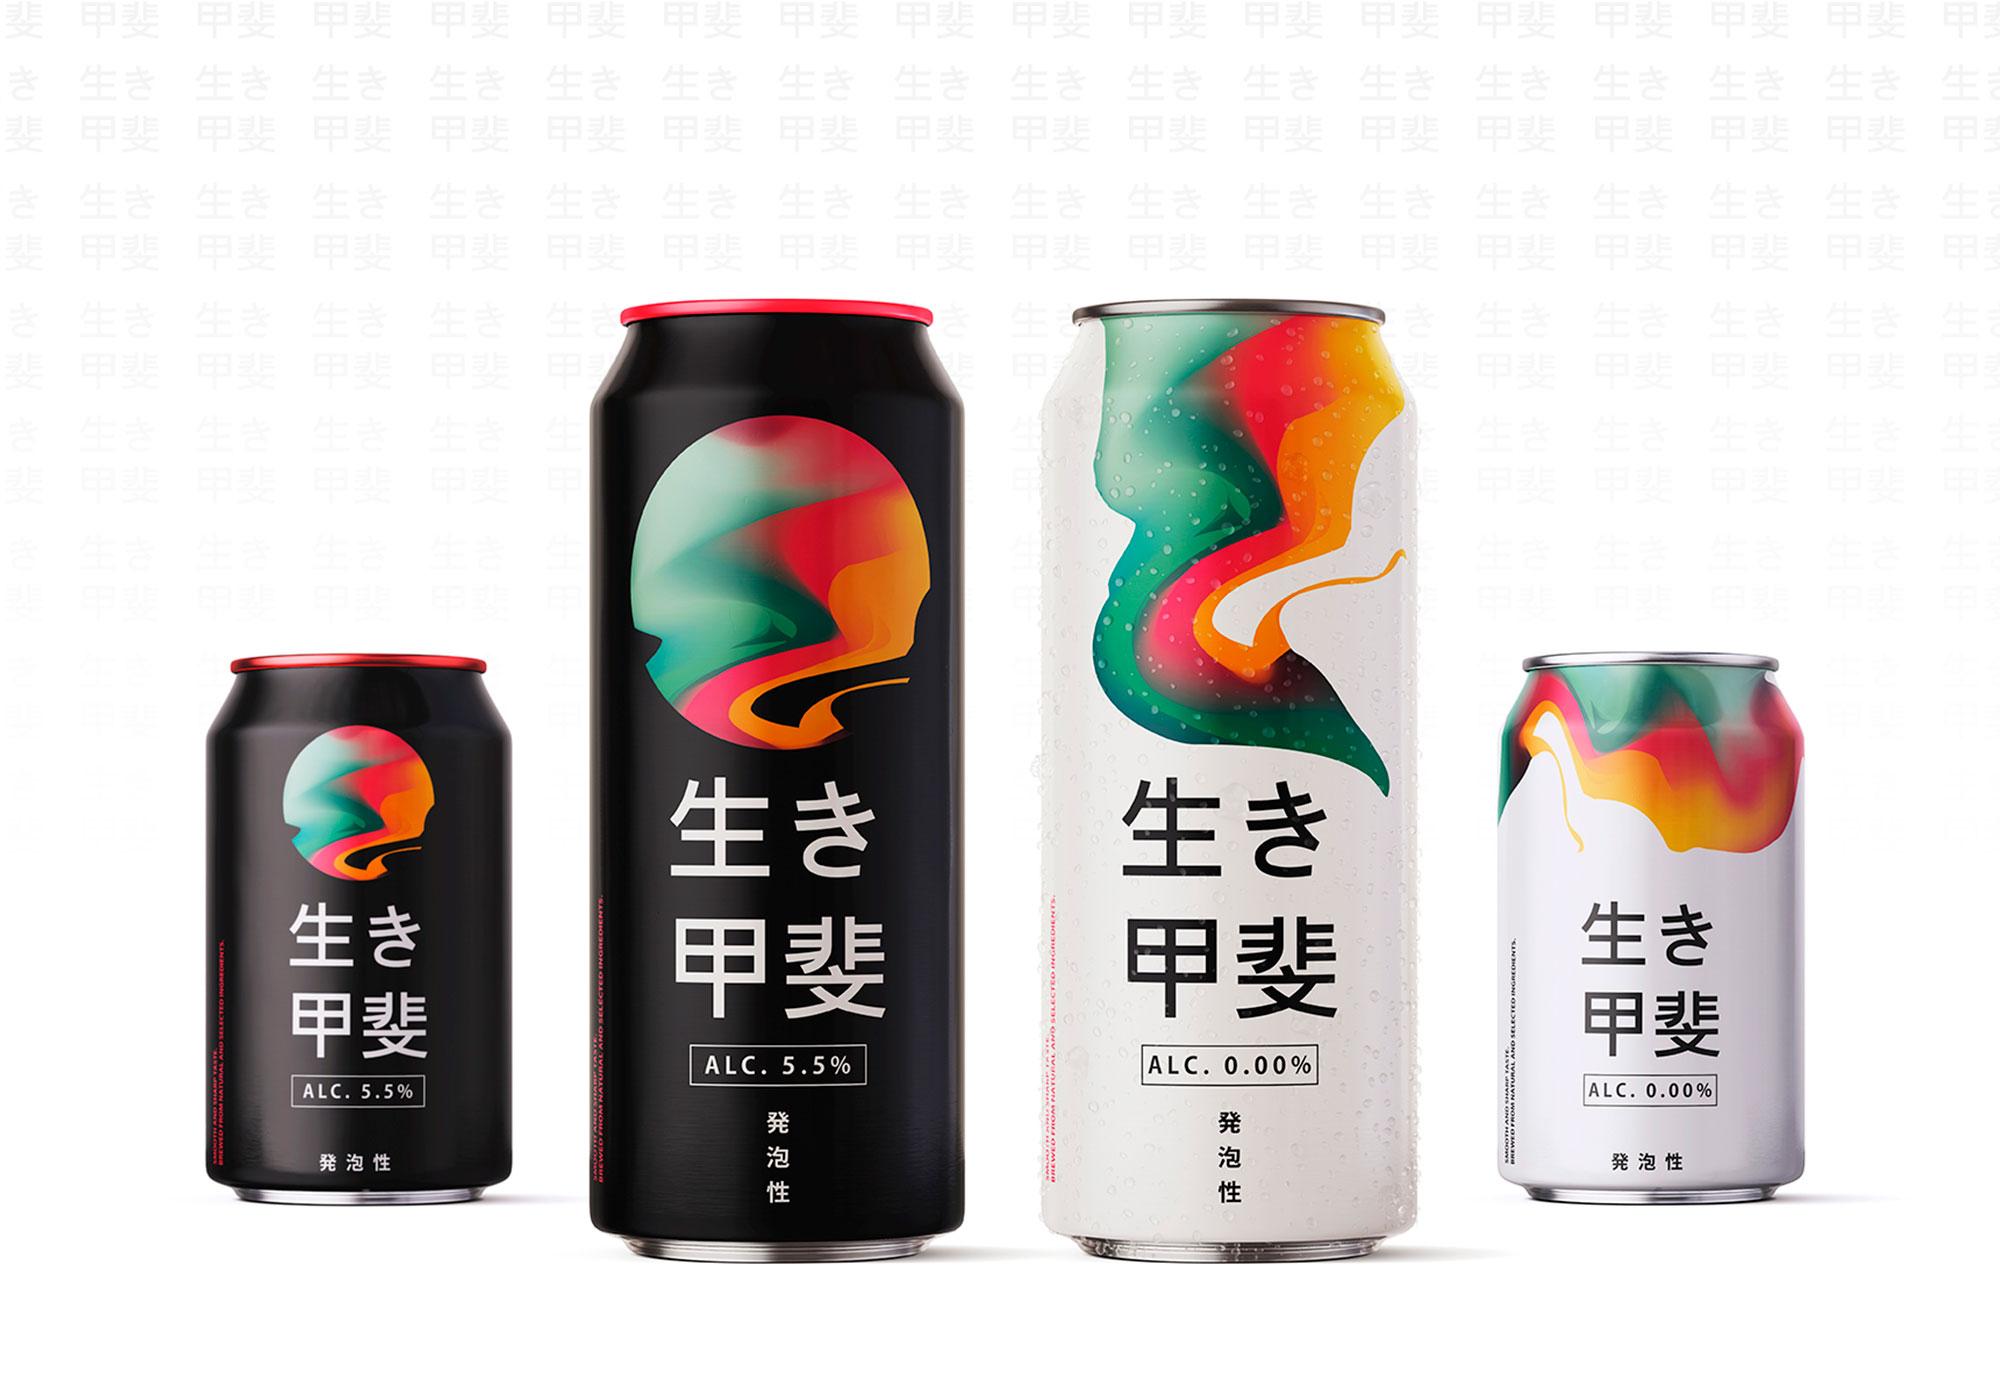 Canettes d'une Happoshu japonaise avec et sans alcool